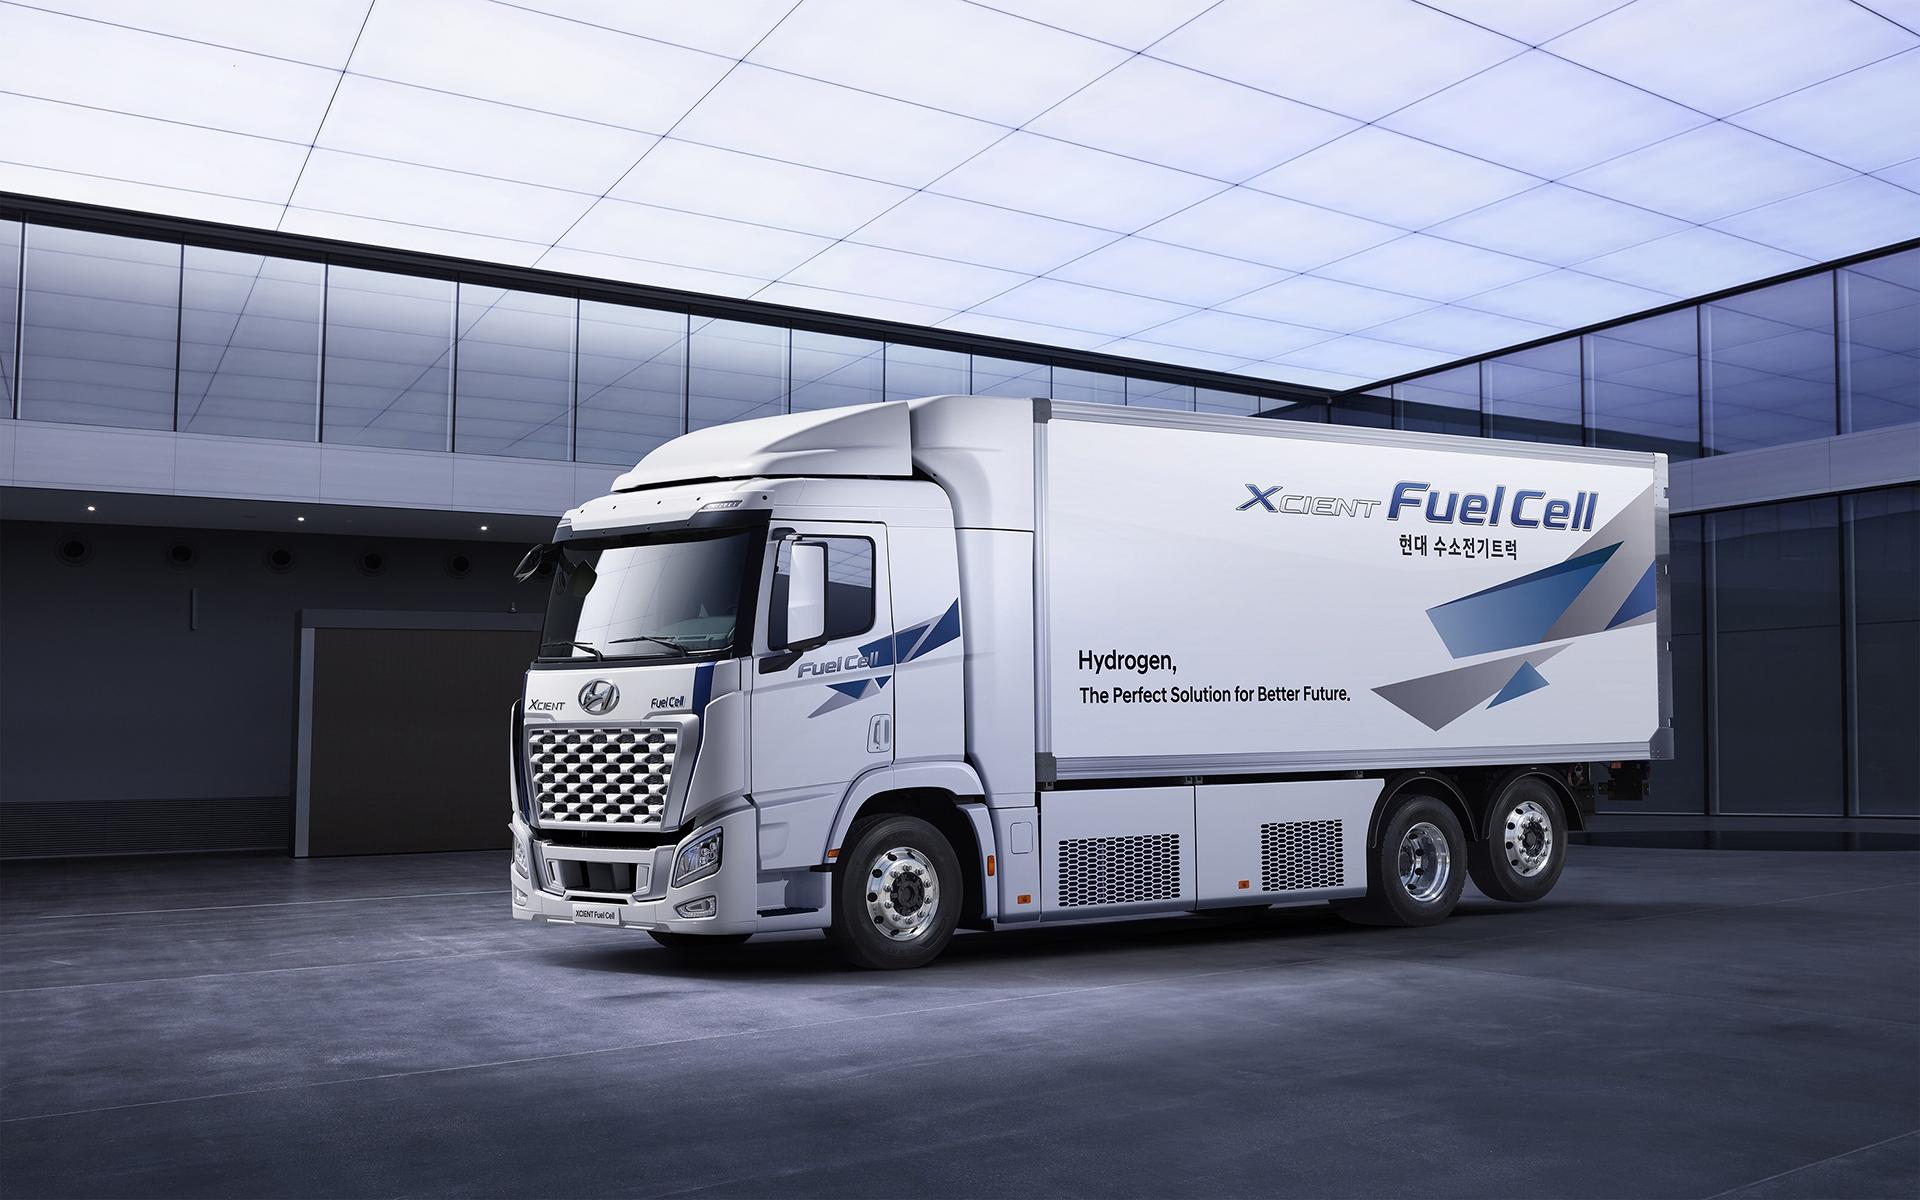 Az áruelosztó/regionálisszóló tehergépkocsi és tengeren túli nyerges közös platforma épül